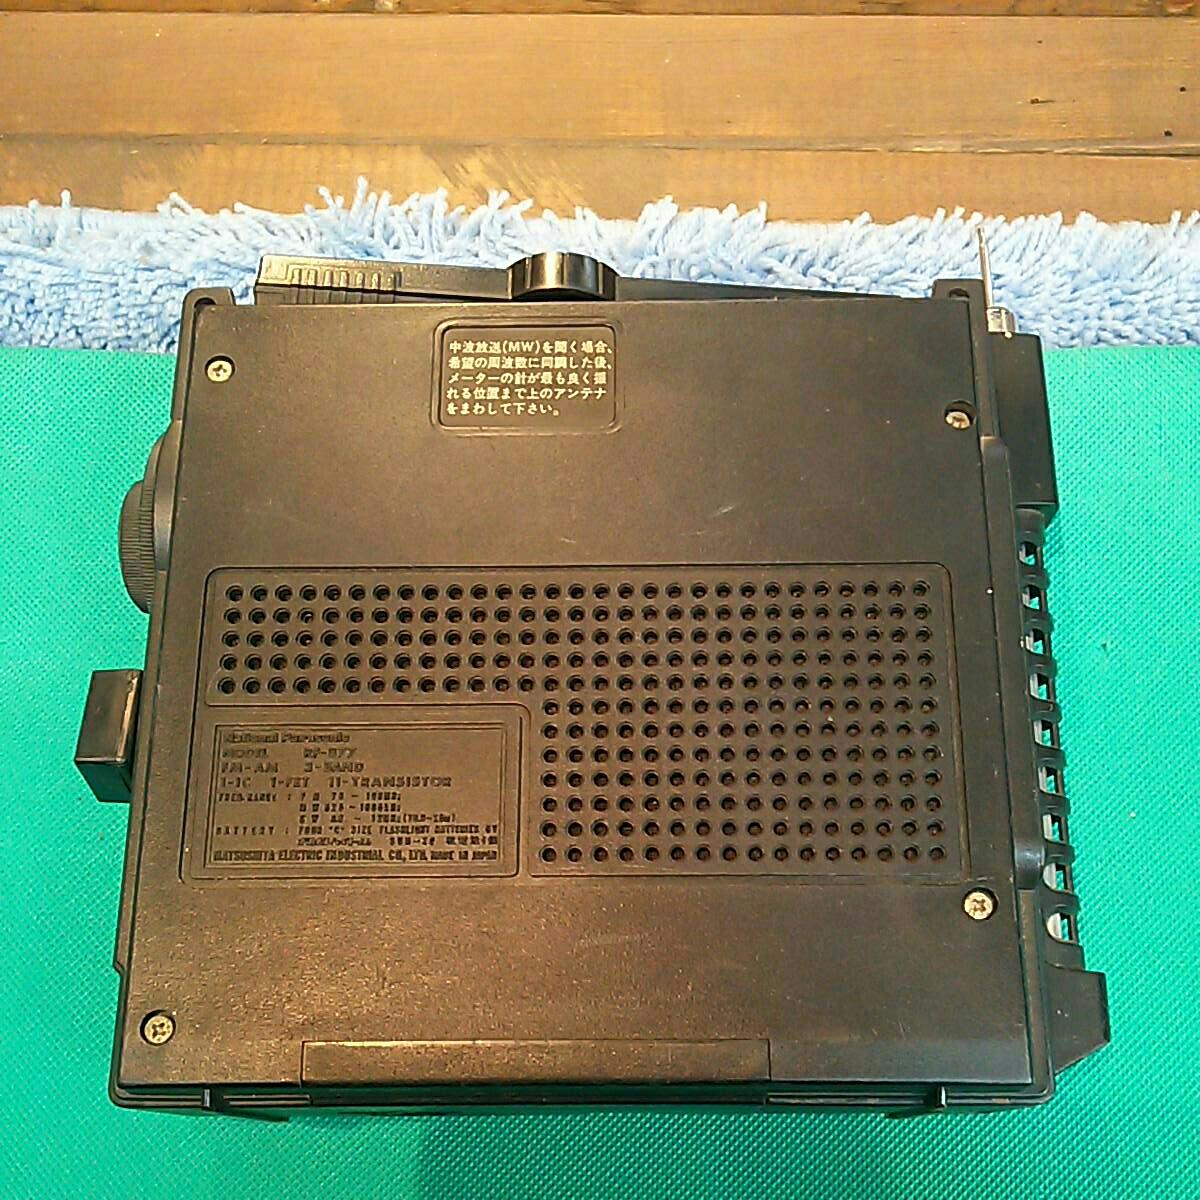 ナショナル national パナソニック Panasonic RF-877 3BAND ラジオ COUGAR No.7 RD-9801 NSB CRYSTAL 短波 中波 ジャンク ラジヲ 当時物_画像6